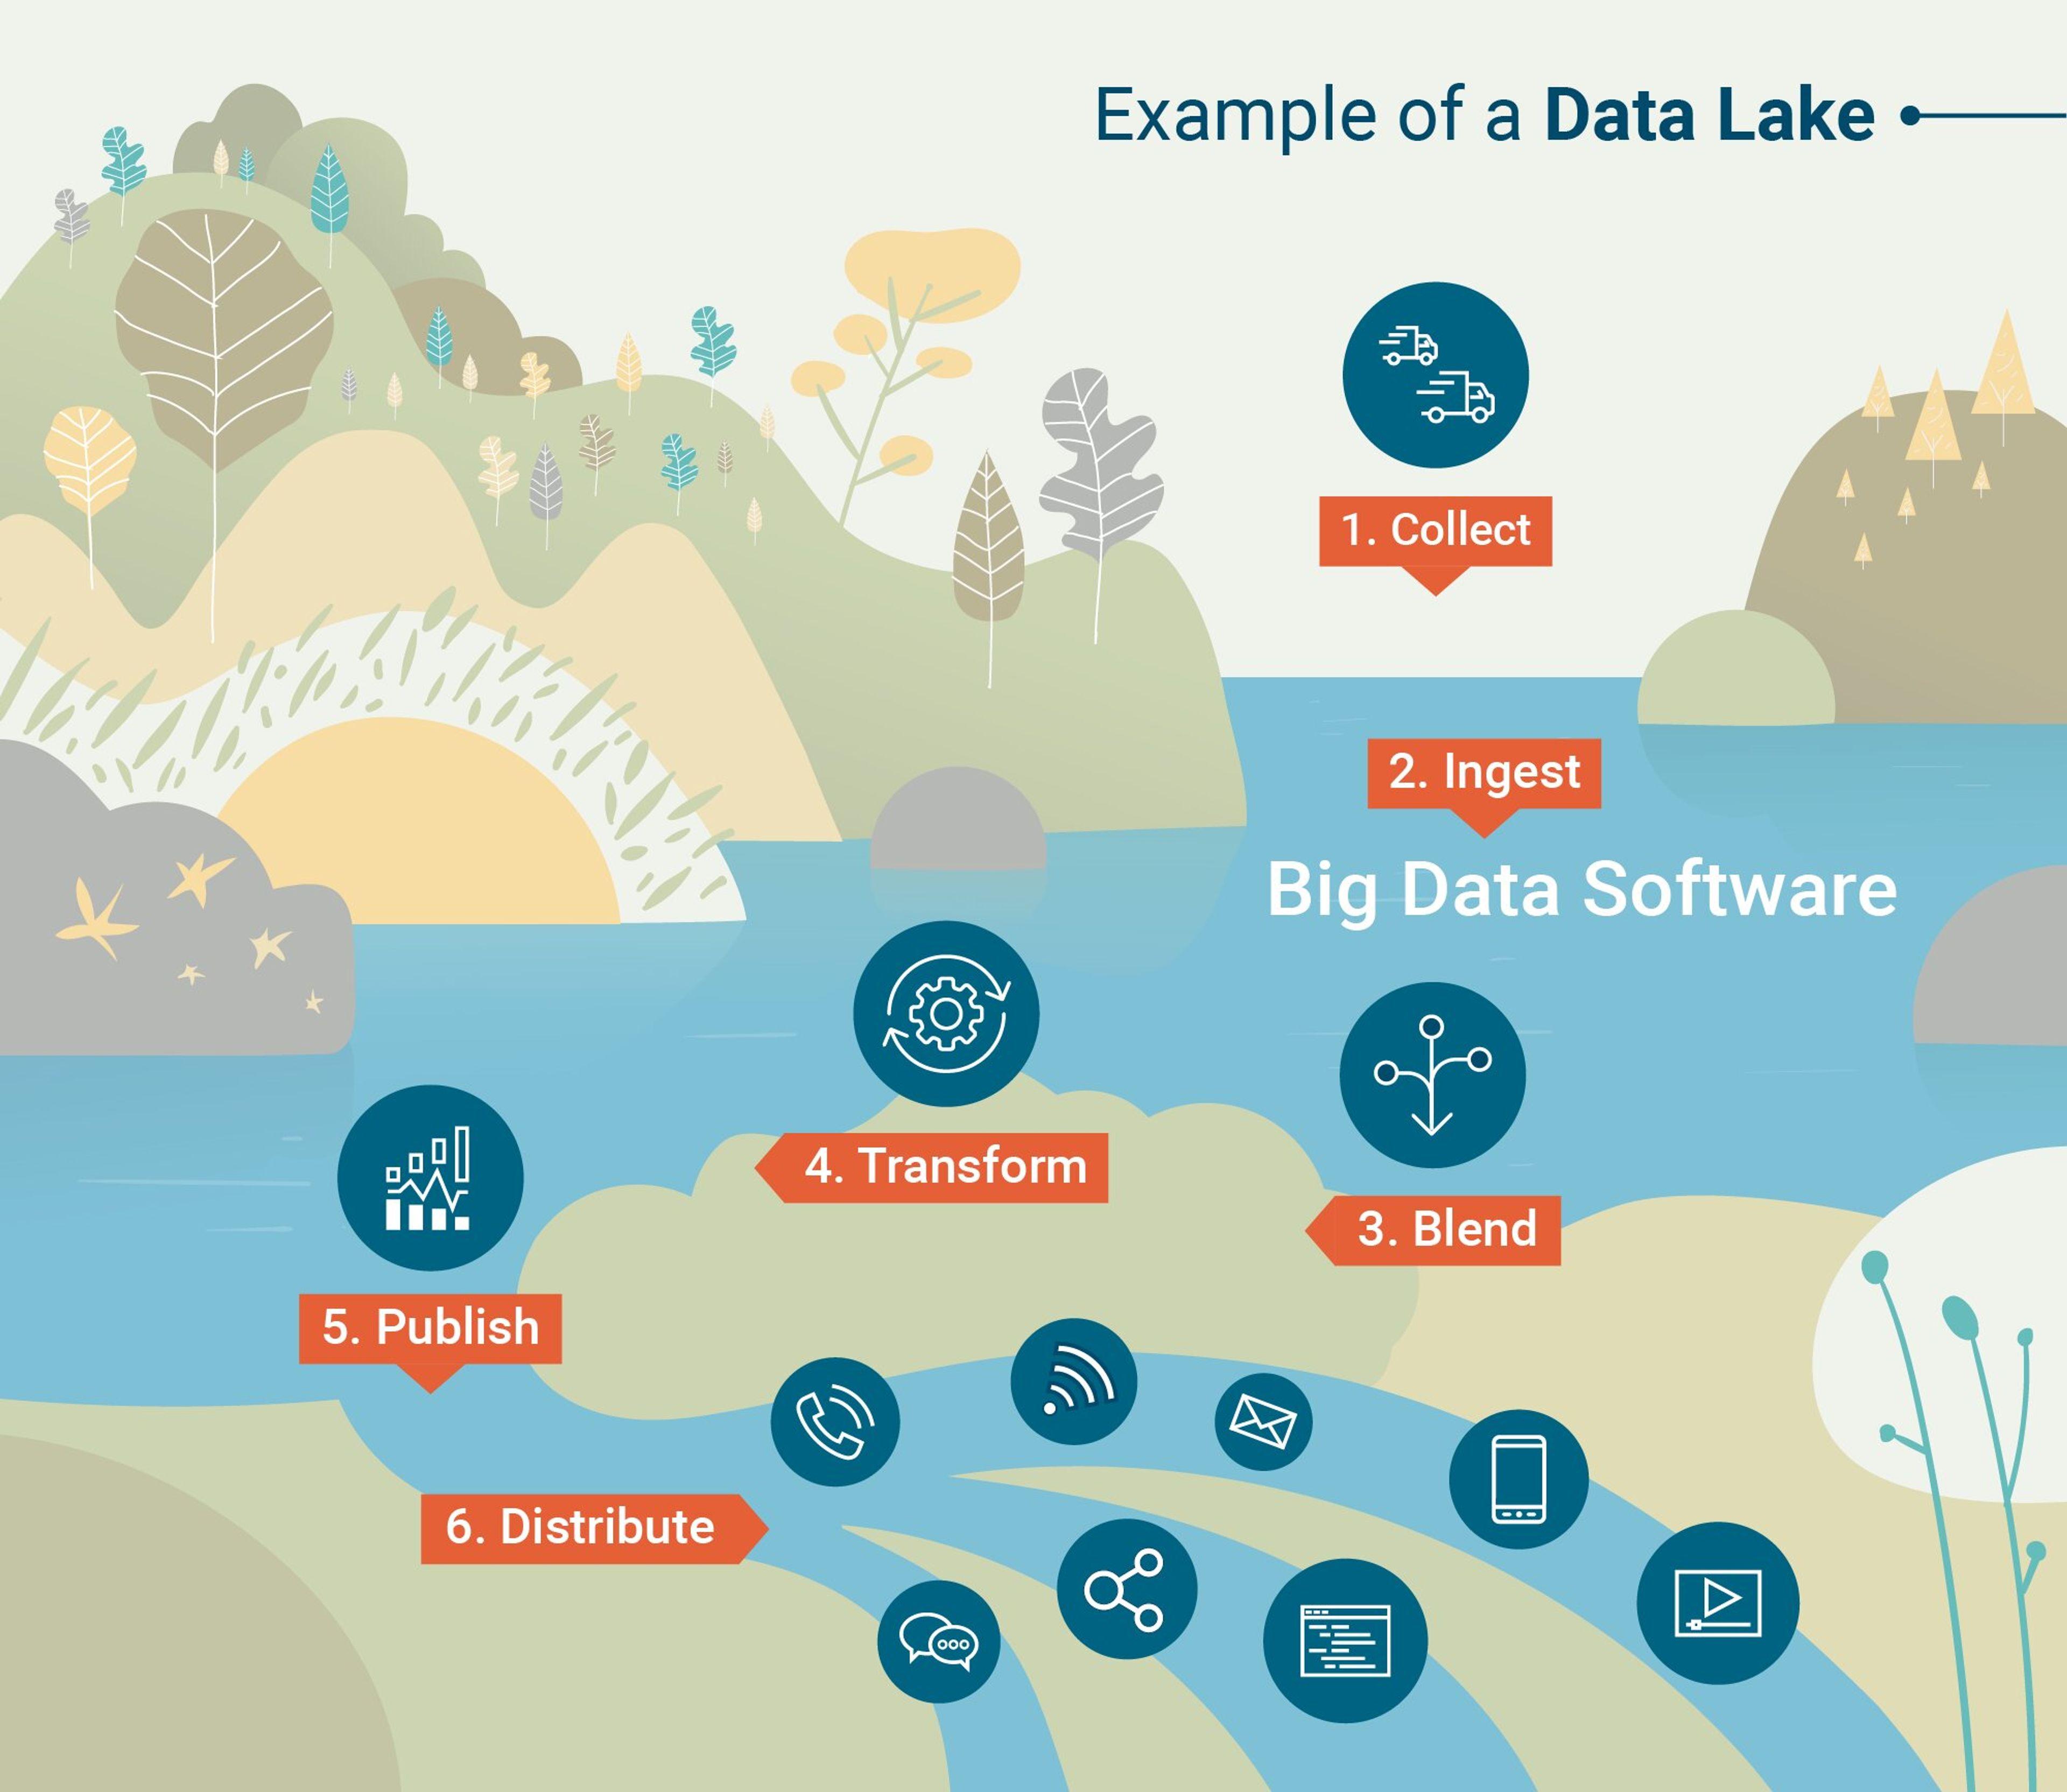 Un Data Lake est une base de données analytiques permettant de déverser des données avec très peu de traitements en amont